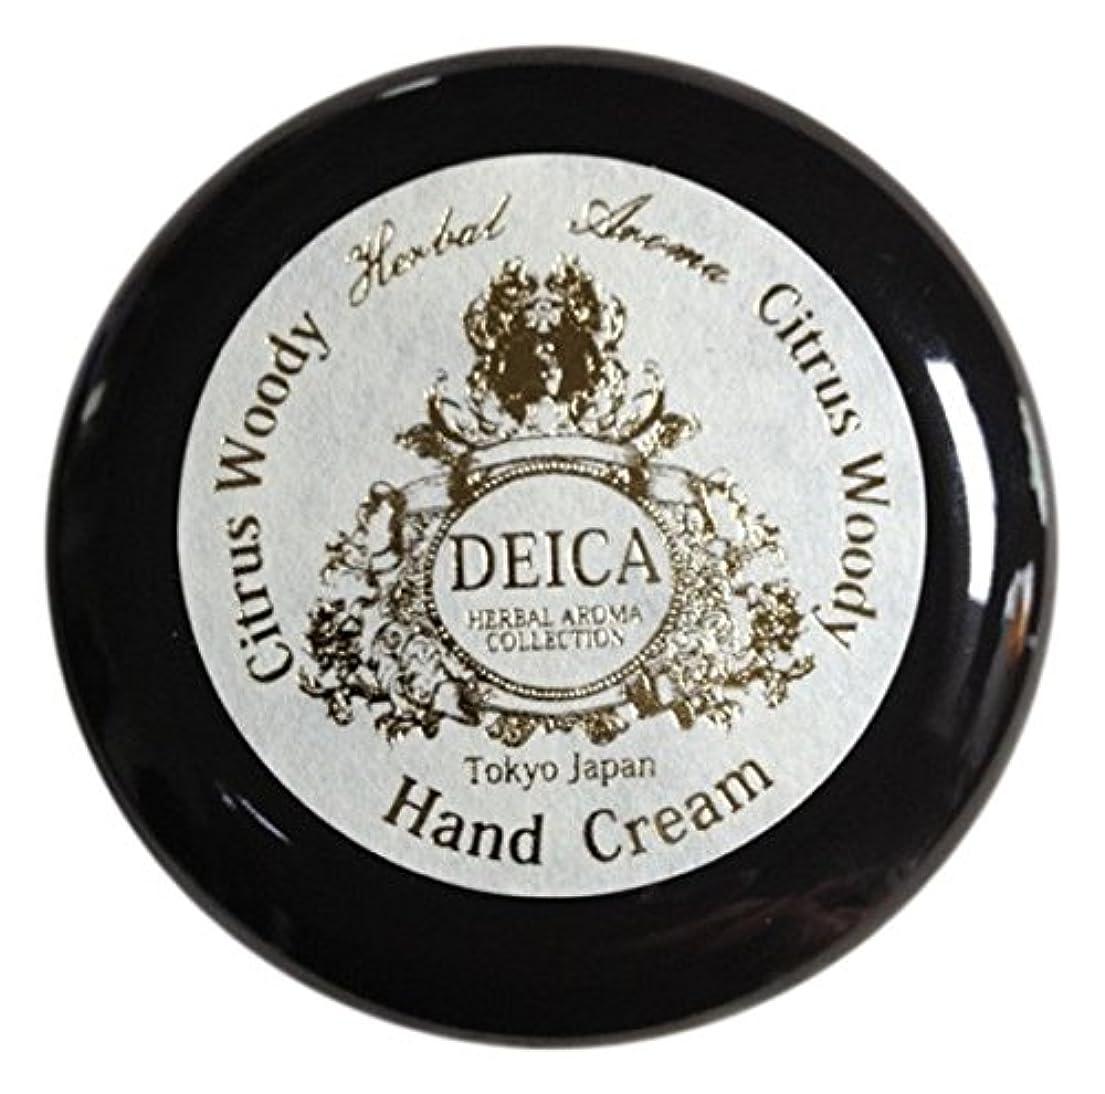 セッティングステージ病院DEICA ハーバルアロマ ハンドクリーム シトラスウッディ